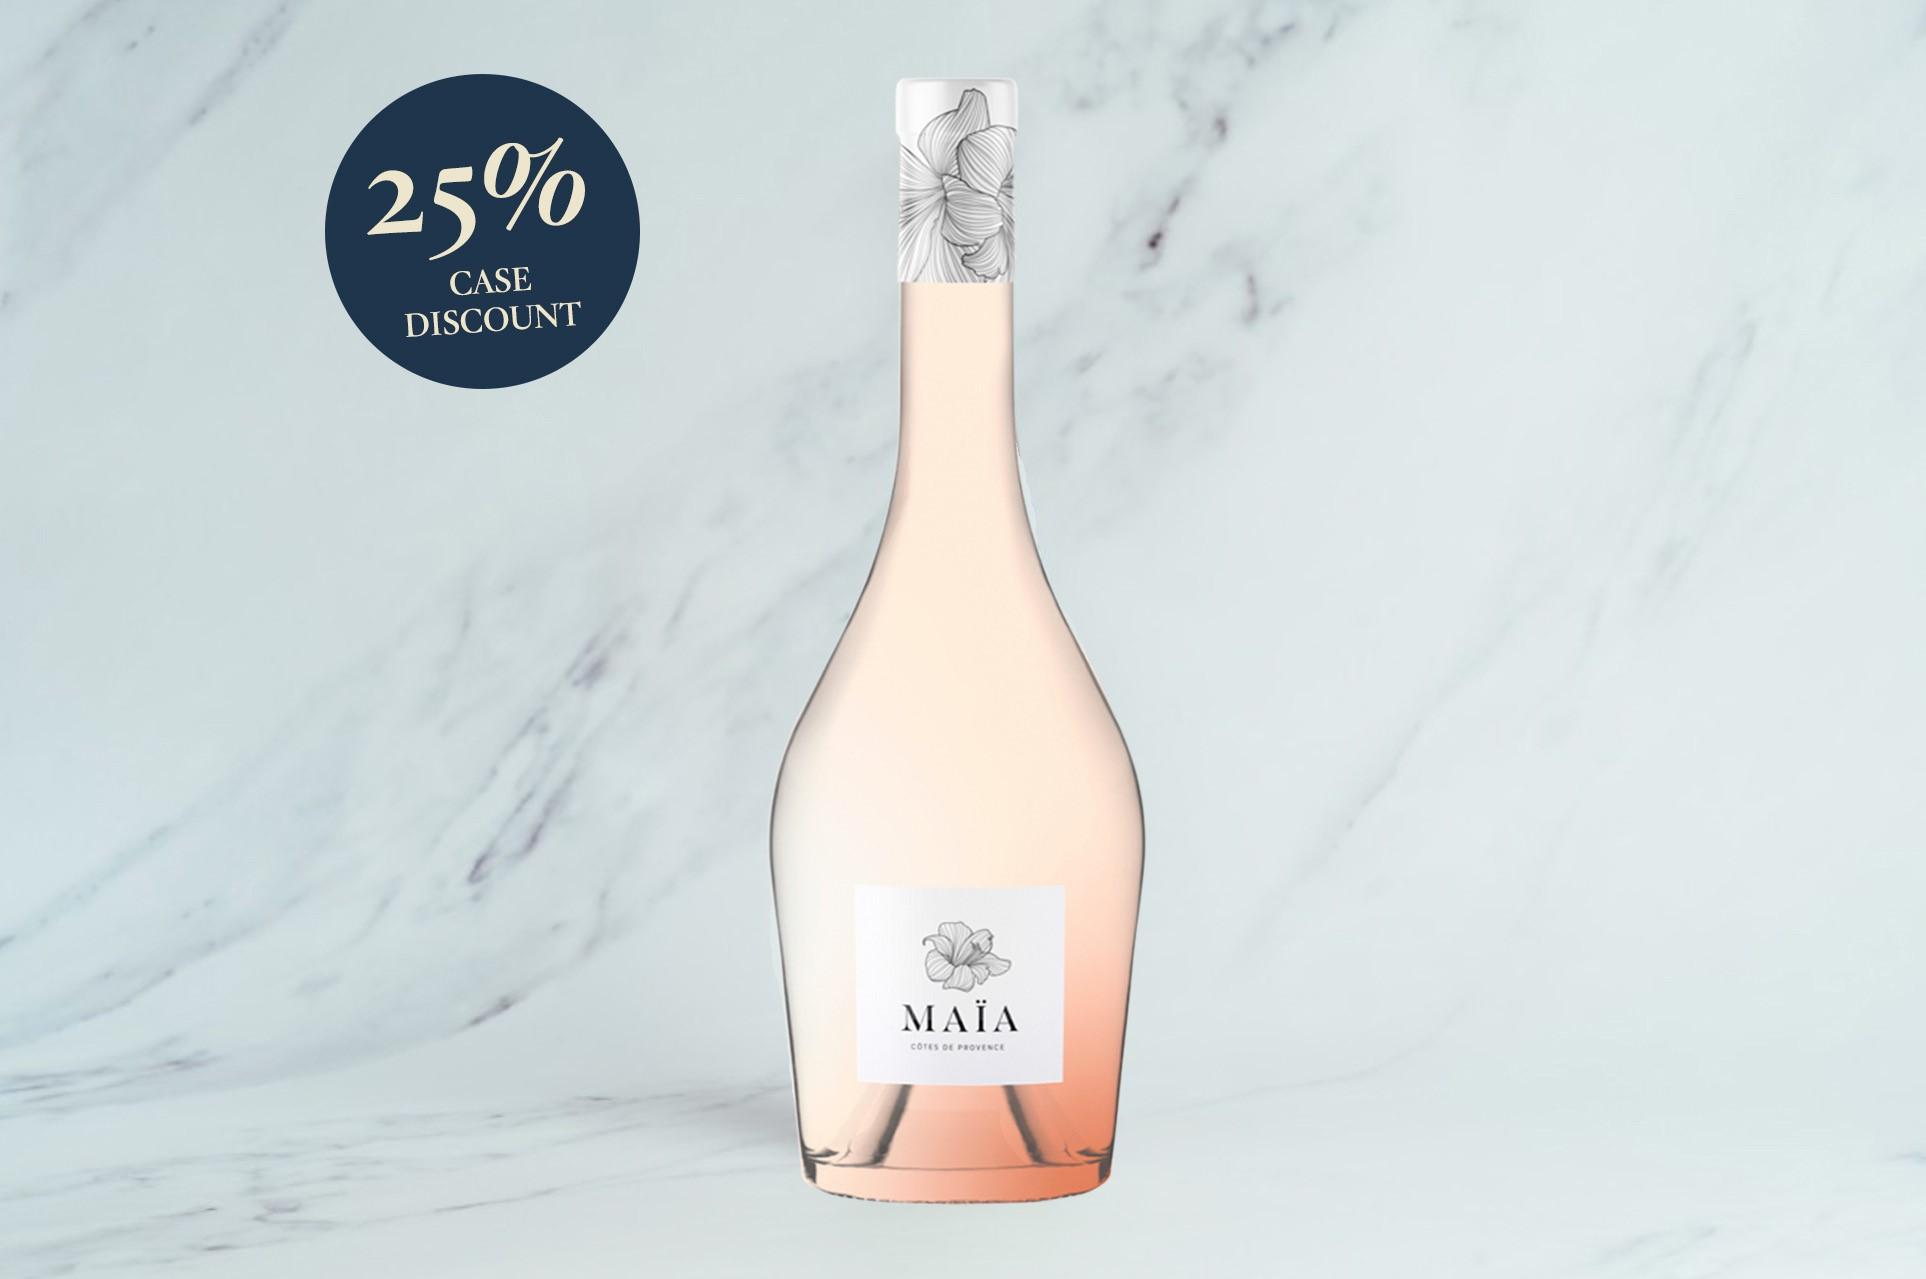 MAÏA Rosé, Côtes de Provence        (Launch 25% Case Discount)